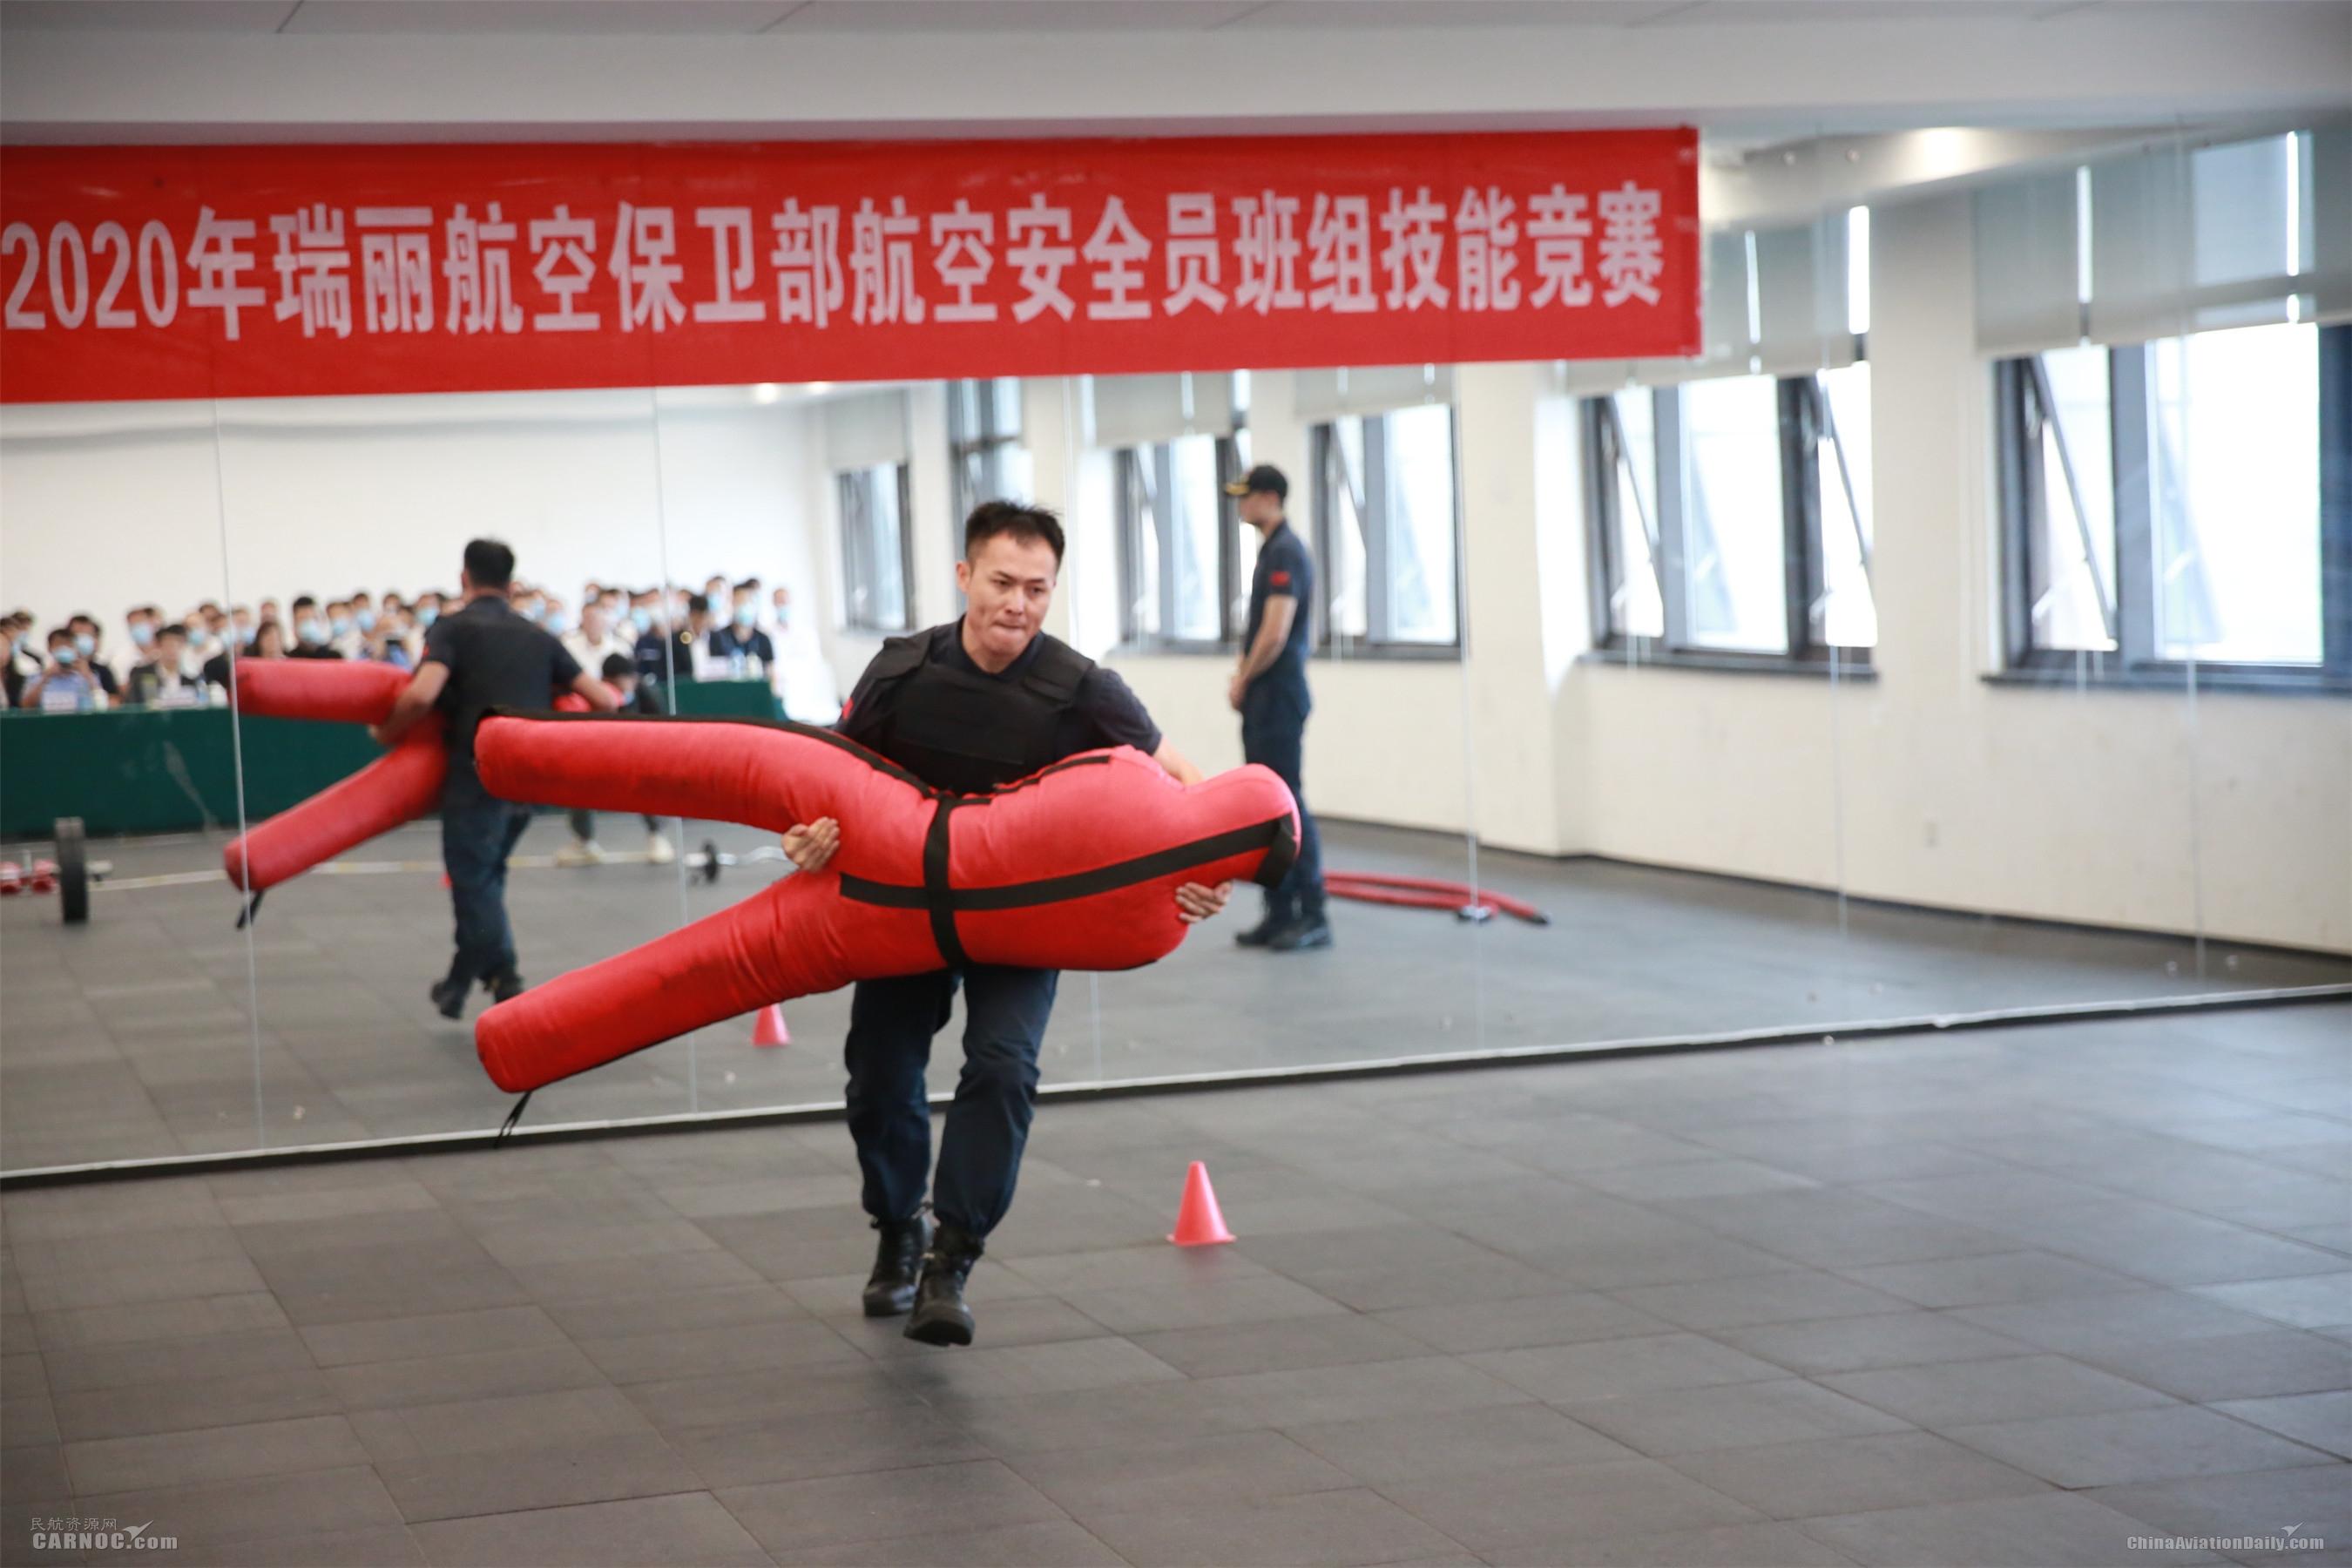 瑞丽航空举行安全员班组技能竞赛